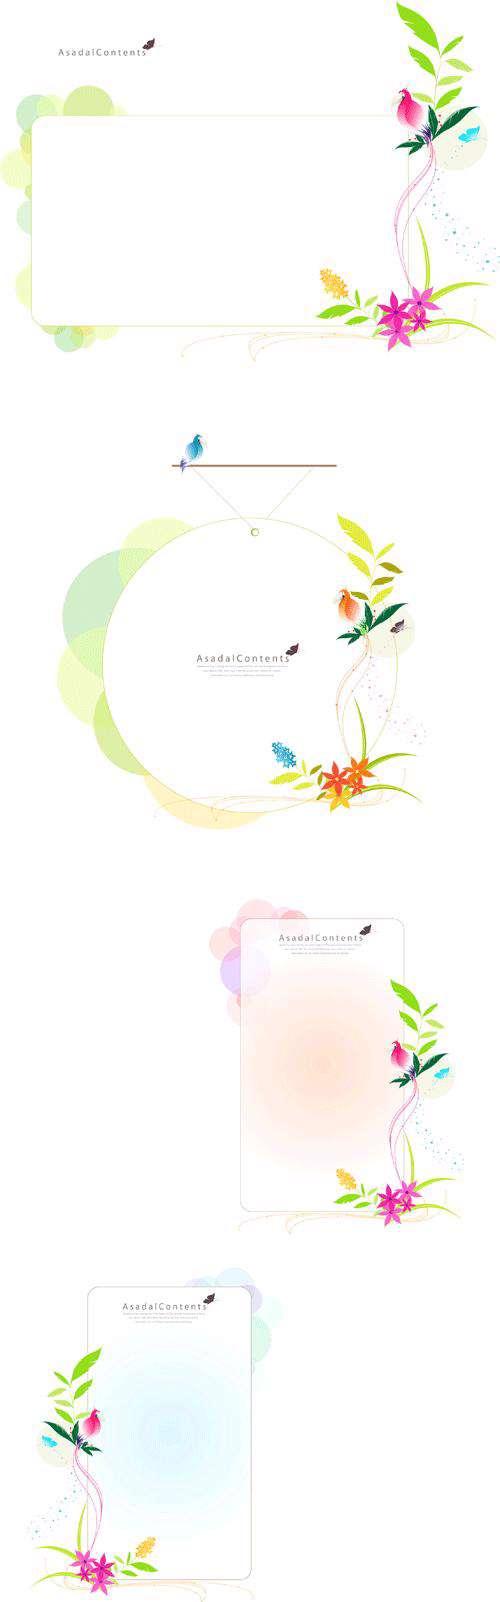 Asadal Contents